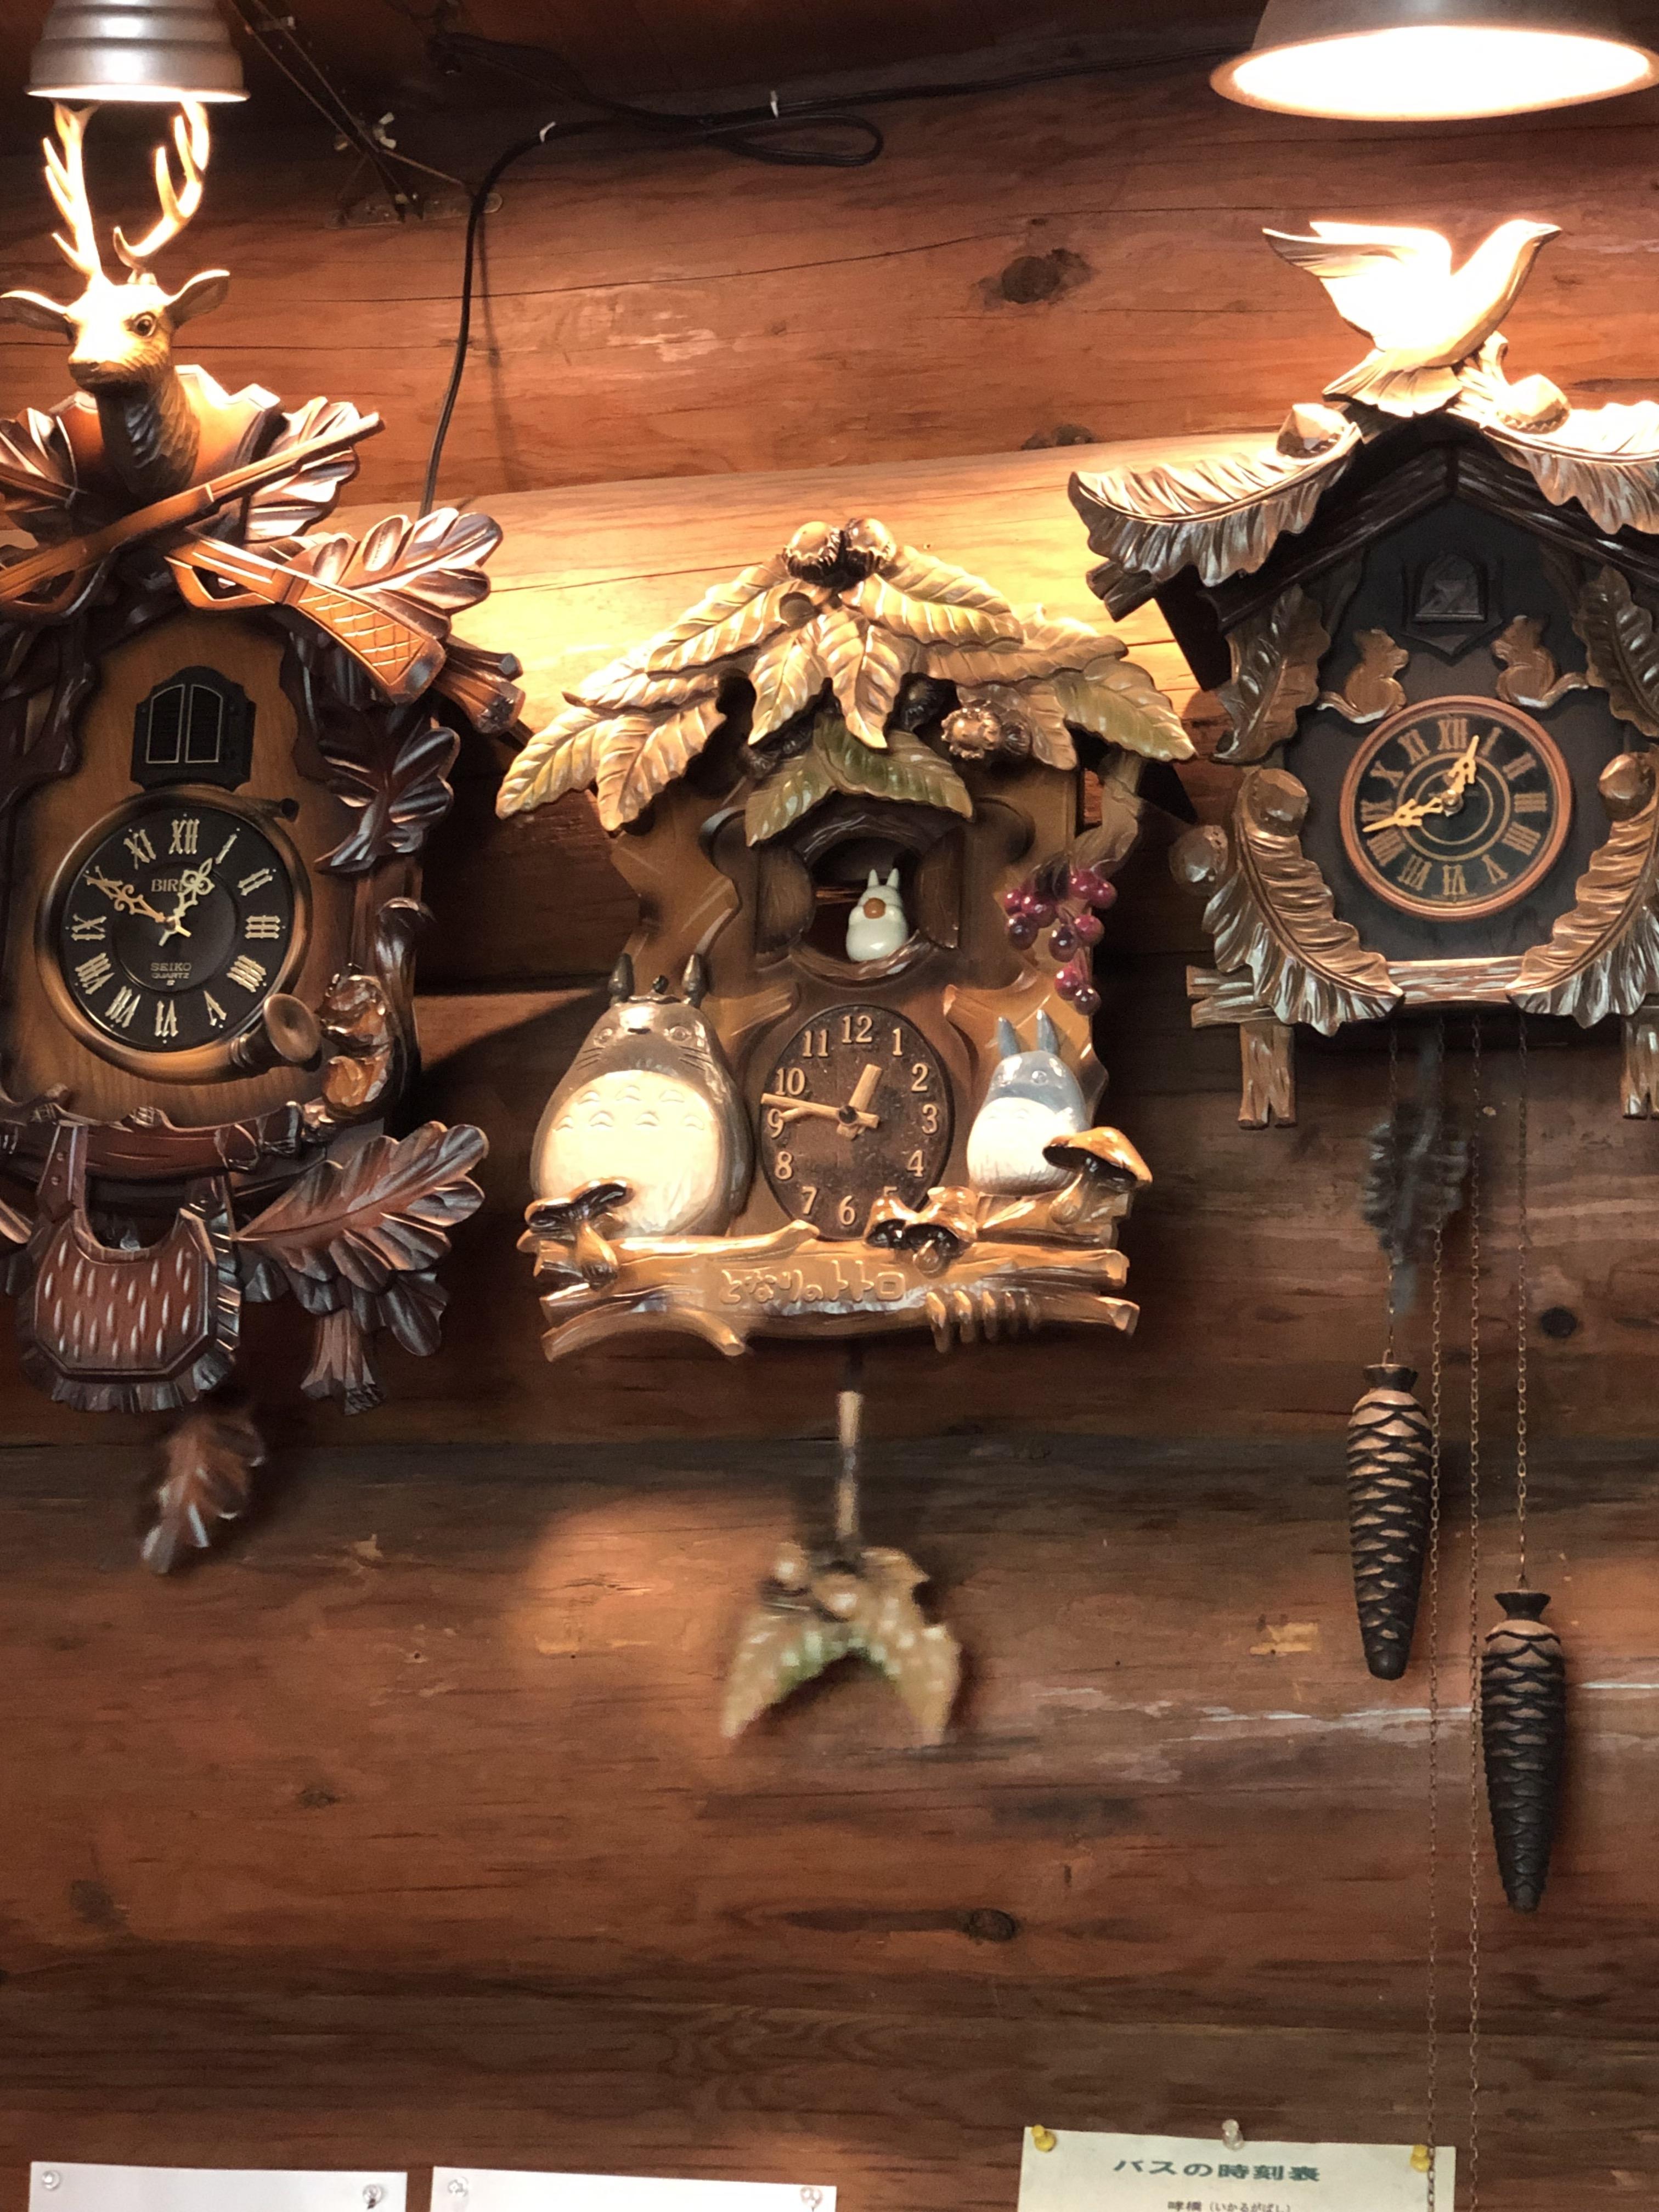 ハーレー 磐船街道 おじいさんの古時計 トトロの鳩時計